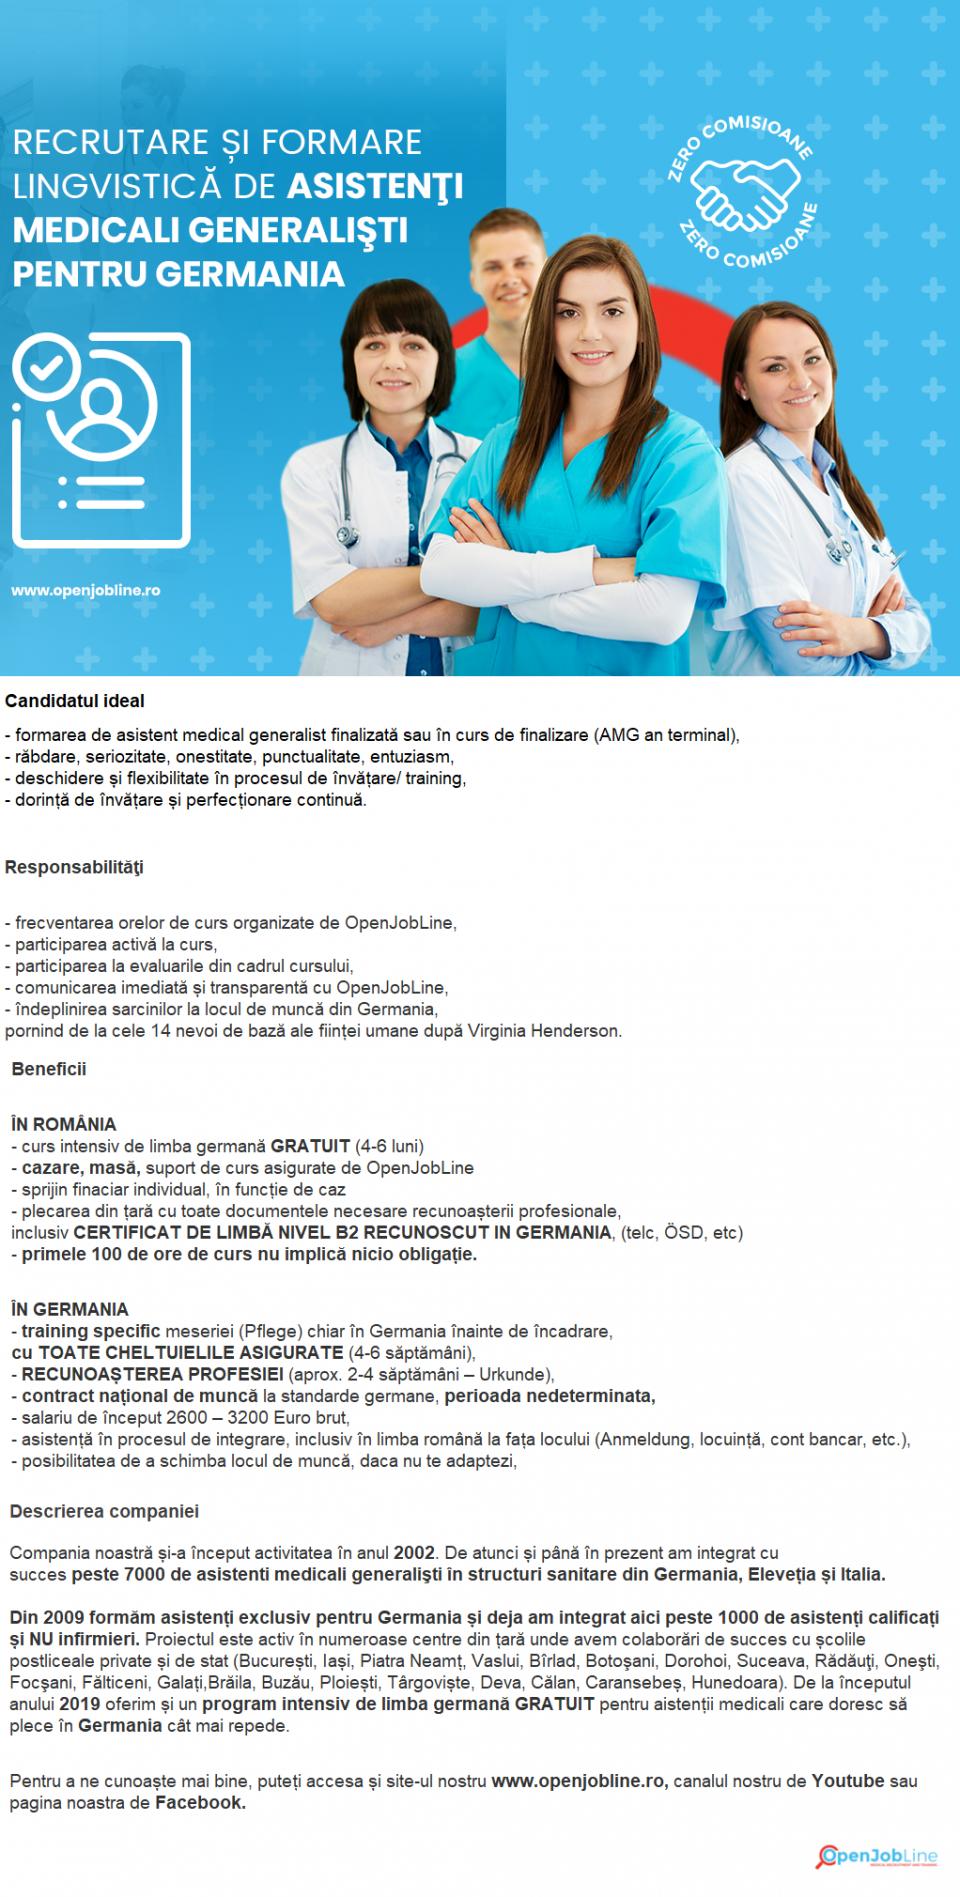 OpenJobLine caută asistenți medicali generaliști absolvenți sau în an terminal pentru formare lingvistică (limba germană) și angajare în structuri sanitare din Germania, FĂRĂ COMISIOANE. Cerinţe: - formarea de asistent medical generalist finalizată sau în curs de finalizare (AMG an terminal), - răbdare, seriozitate, onestitate, punctualitate, entuziasm, - deschidere și flexibilitate în procesul de învățare/ training, - dorință de învățare și perfecționare continuă. Responsabilităţi: - frecventarea orelor de curs organizate de OpenJobLine, - participarea activă la curs, - participarea la evaluarile din cadrul cursului, - comunicarea imediată și transparentă cu OpenJobLine, - îndeplinirea sarcinilor la locul de muncă din Germania, pornind de la cele 14 nevoi de bază ale ființei umane după Virginia Henderson.  Beneficii:  ÎN ROMÂNIA - curs intensiv de limba germană GRATUIT (4-6 luni) - cazare, masă, suport de curs asigurate de OpenJobLine - sprijin finaciar individual, în funcție de caz - plecarea din țară cu toate documentele necesare recunoașterii profesionale, inclusiv CERTIFICAT DE LIMBĂ NIVEL B2 RECUNOSCUT IN GERMANIA, (telc, ÖSD, etc) - primele 100 de ore de curs nu implică nicio obligație.  ÎN GERMANIA - training specific meseriei (Pflege) chiar în Germania înainte de încadrare, cu TOATE CHELTUIELILE ASIGURATE (4-6 săptămâni), - RECUNOAȘTEREA PROFESIEI (aprox. 2-4 săptămâni – Urkunde), - contract național de muncă la standarde germane, perioada nedeterminata, - salariu de început 2300 – 3200 Euro brut, - asistență în procesul de integrare, inclusiv în limba română la fața locului (Anmeldung, locuință, cont bancar, etc.), - posibilitatea de a schimba locul de muncă, daca nu te adaptezi,  BONUSURI 300 Euro – dacă mai recomanzi un prieten care va pleca cu noi în Germania 1500 Euro – dacă ai deja certificat de limbă nivel B2 și pleci cu noi în Germania 2000 Euro – dacă ai recunoașterea calificării în Germania și ni te alături Compania noastră și-a început activitate